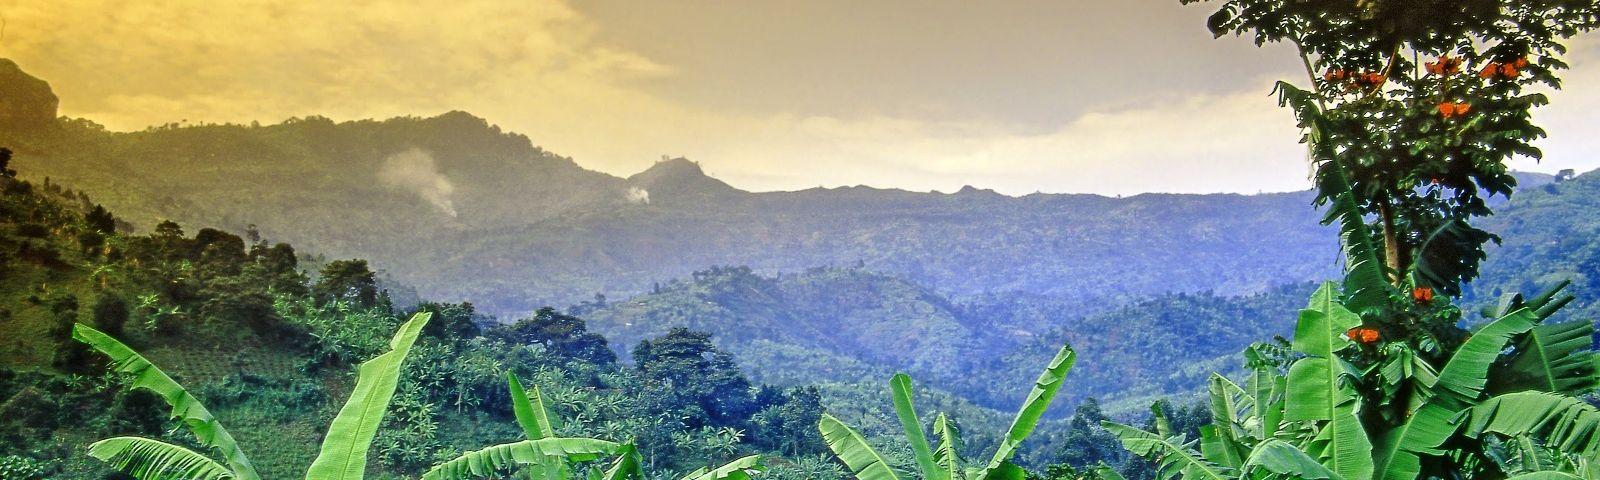 Mount Elgon, Uganda - things to do in Uganda